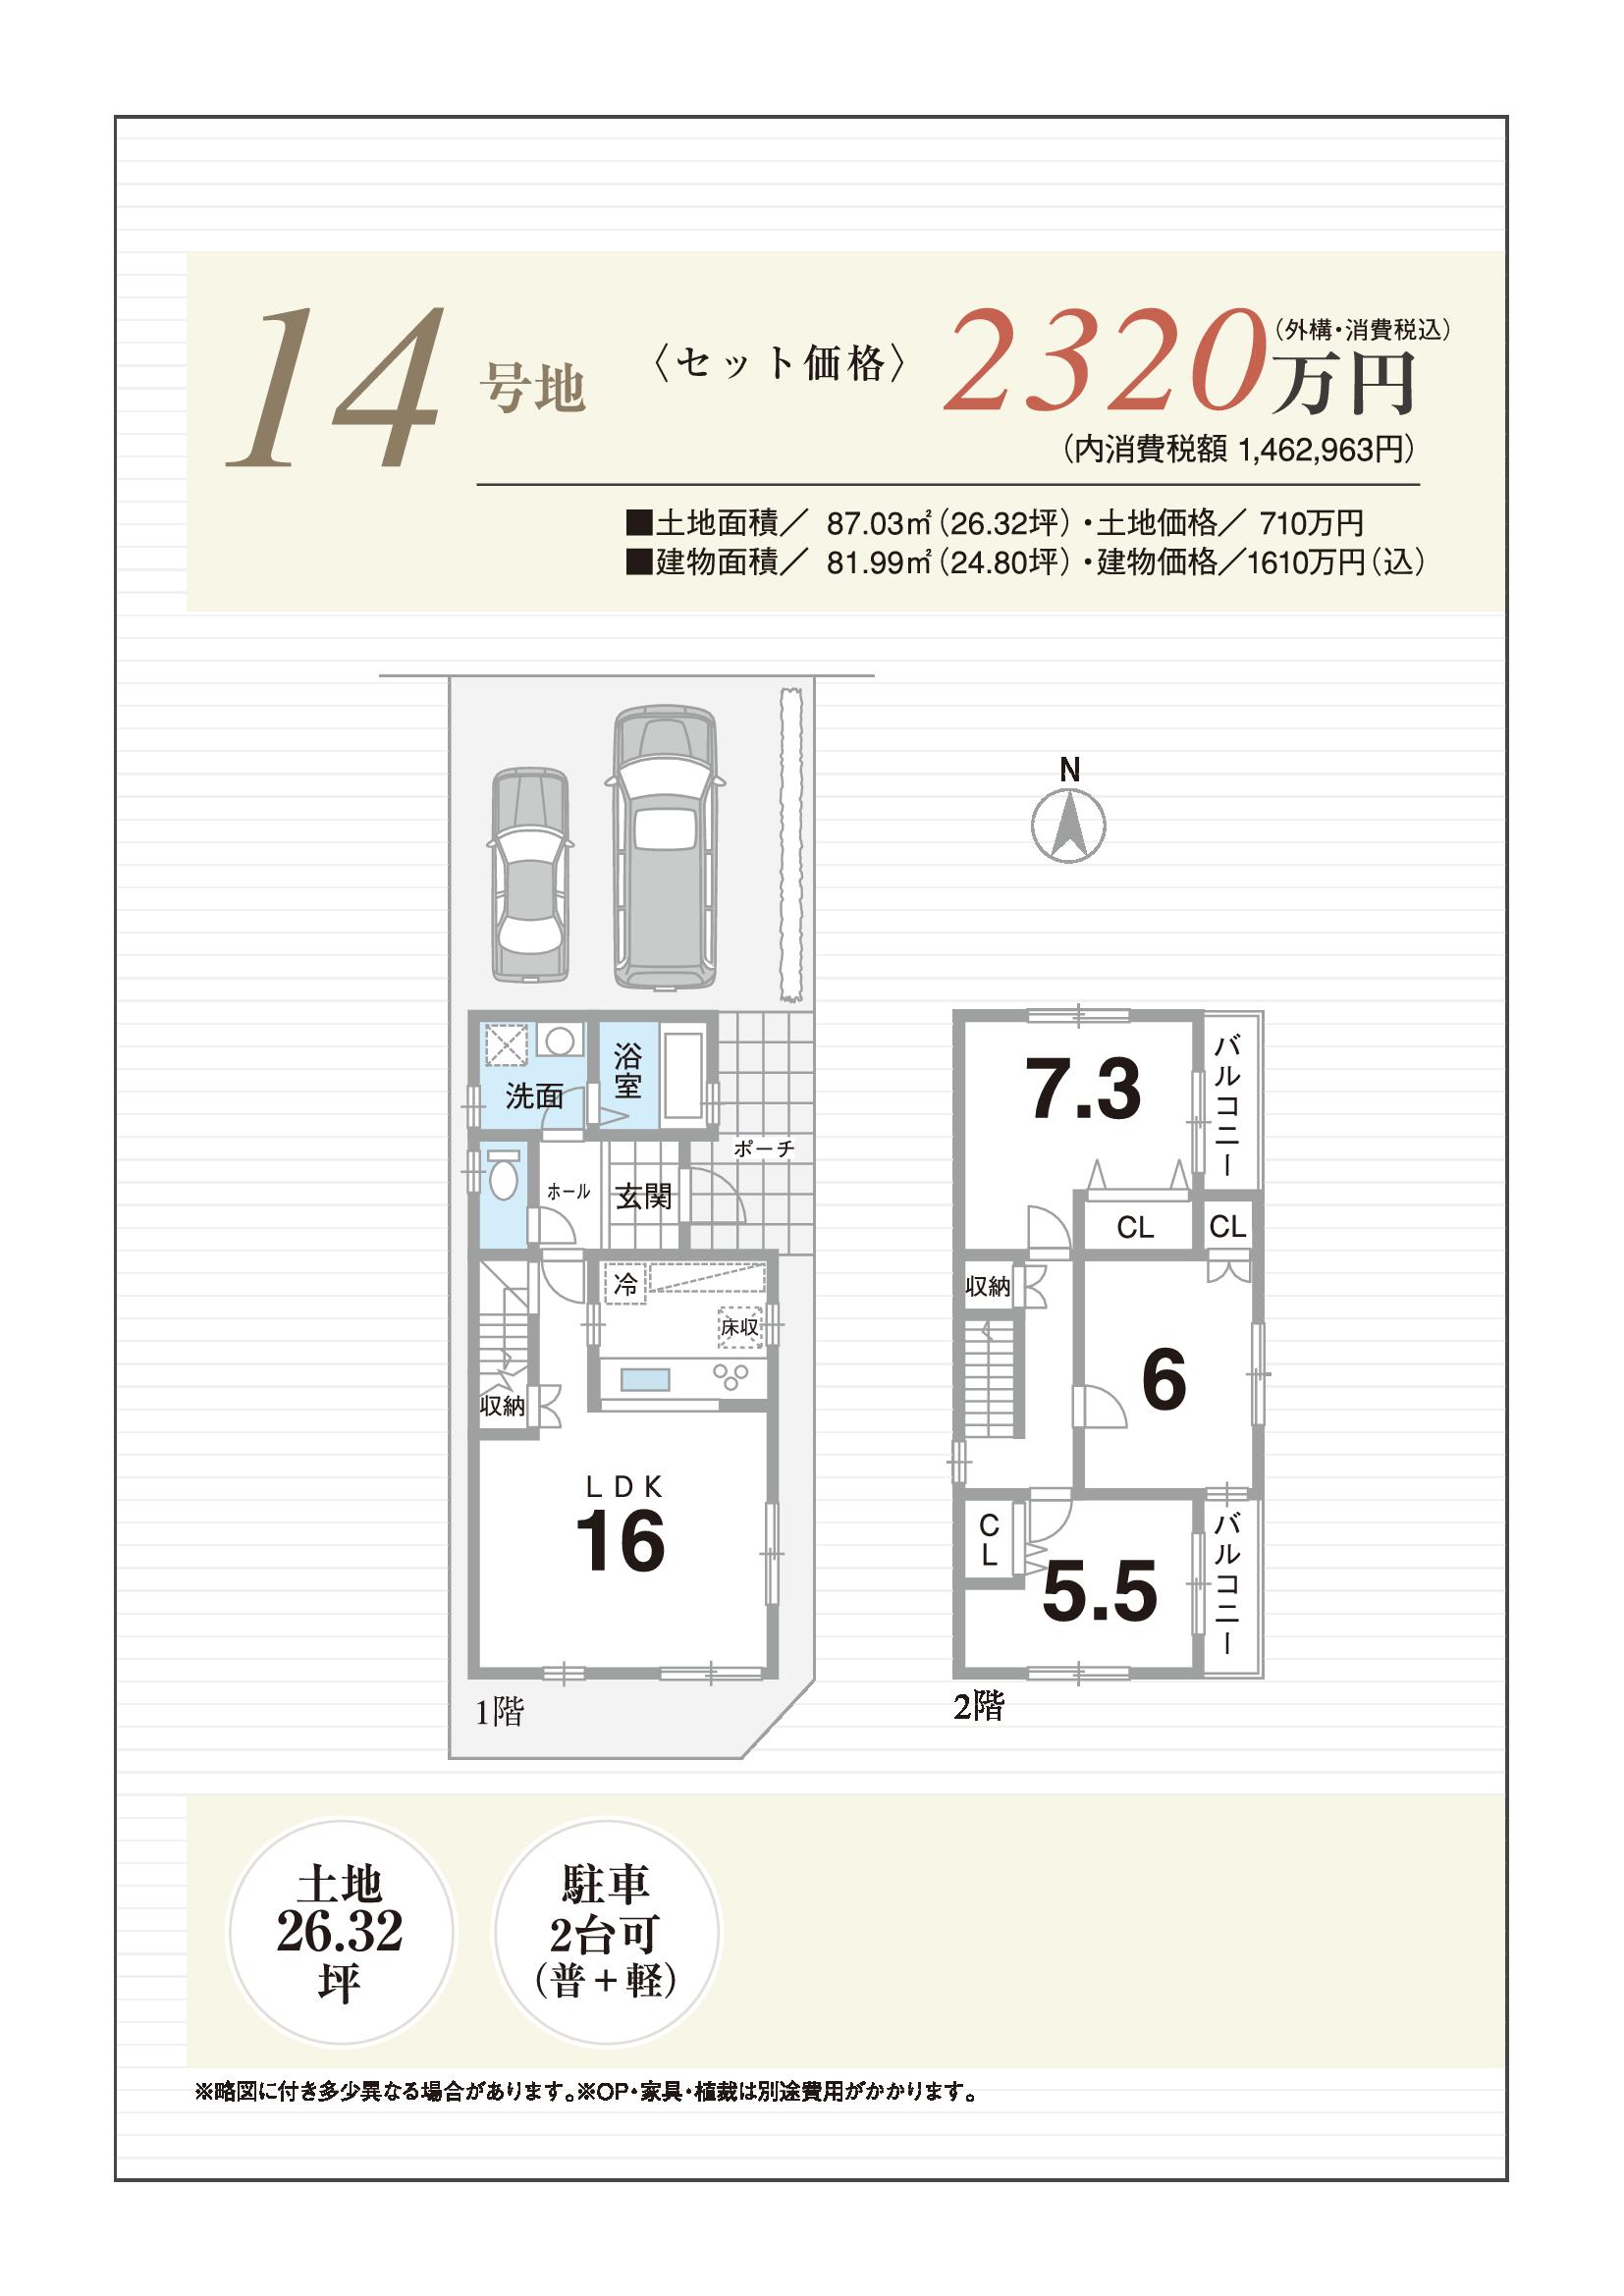 所在地:京都府八幡市八幡馬場31他 価格:2,320万円 土地面積:26.32坪 建物面積:24.80坪